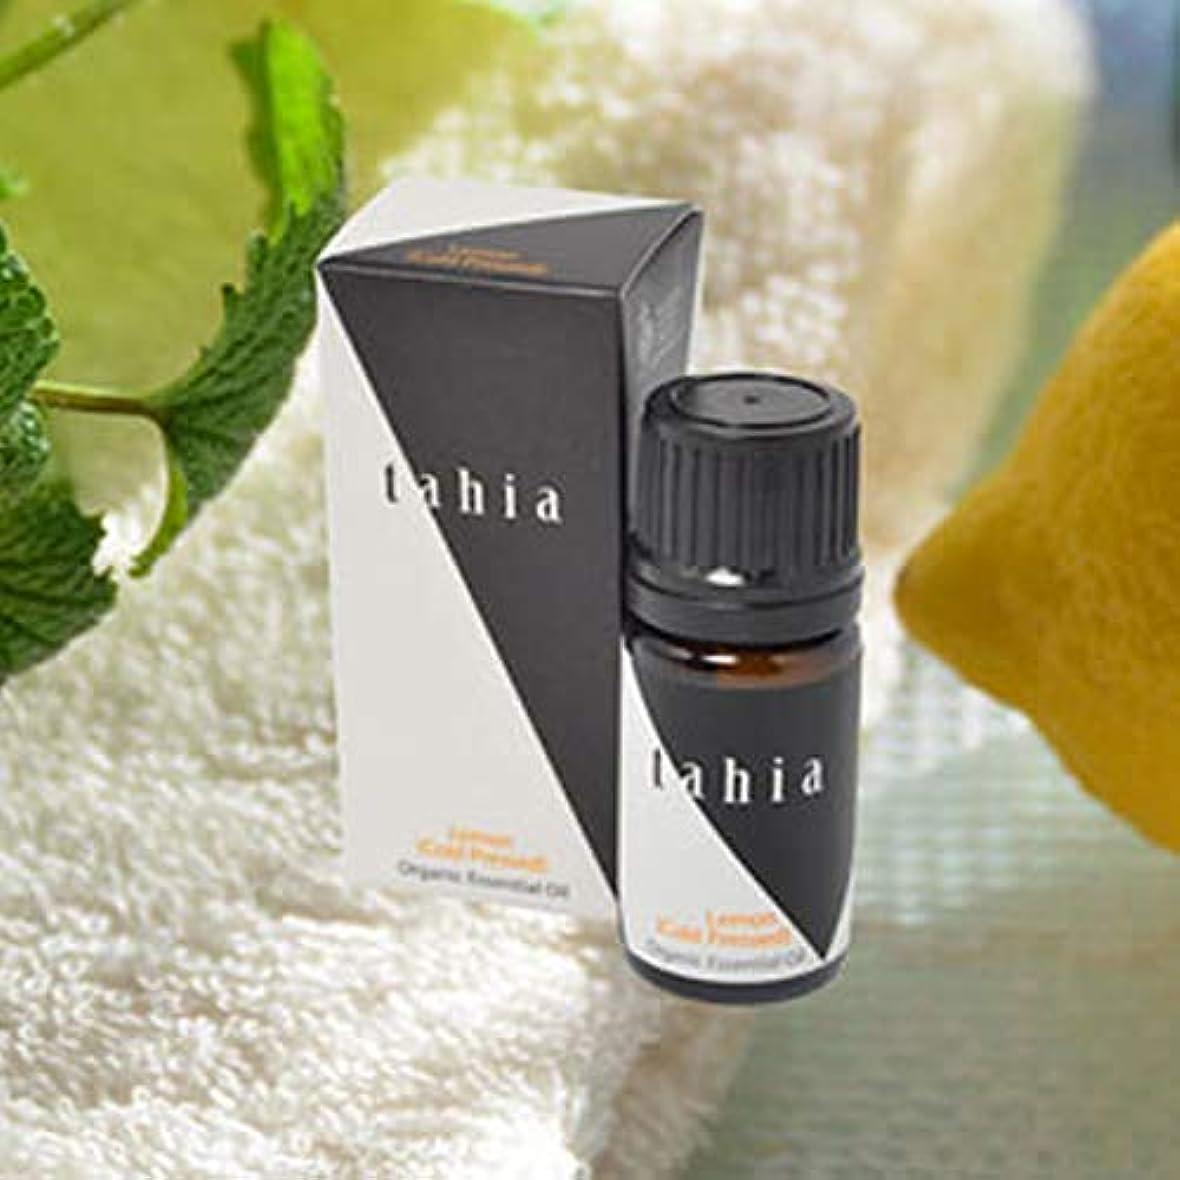 バルコニーアクセスできない免除タツフト タヒア tahia レモン エッセンシャルオイル オーガニック 芳香 精油